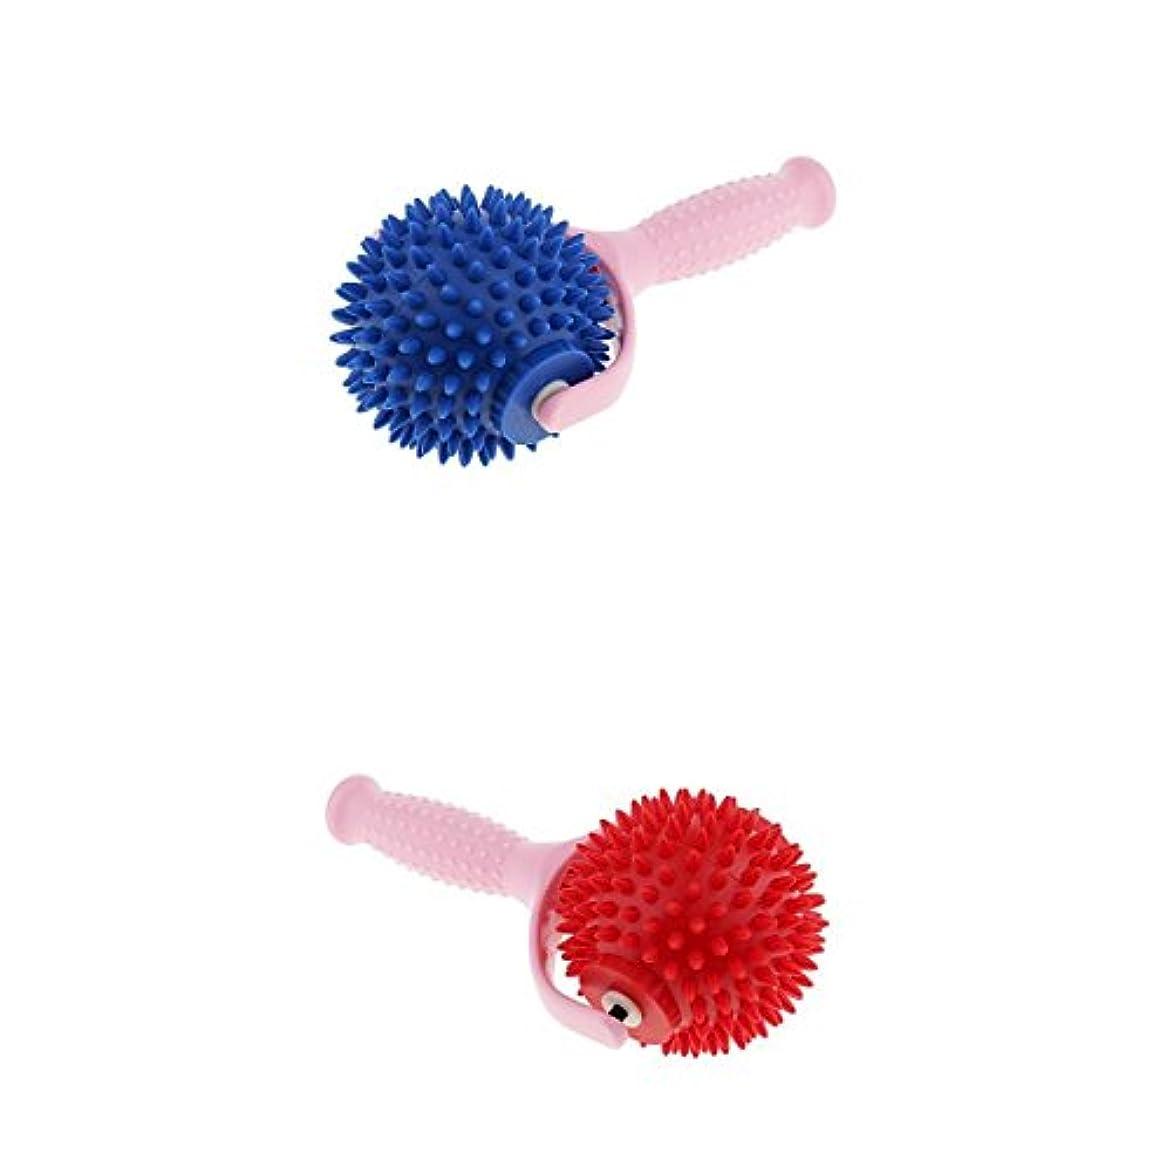 発疹フレットもう一度2個 マッサージボール 手持ち式 筋膜リリース 鍼療法 伝統的 疲労回復 健康器具